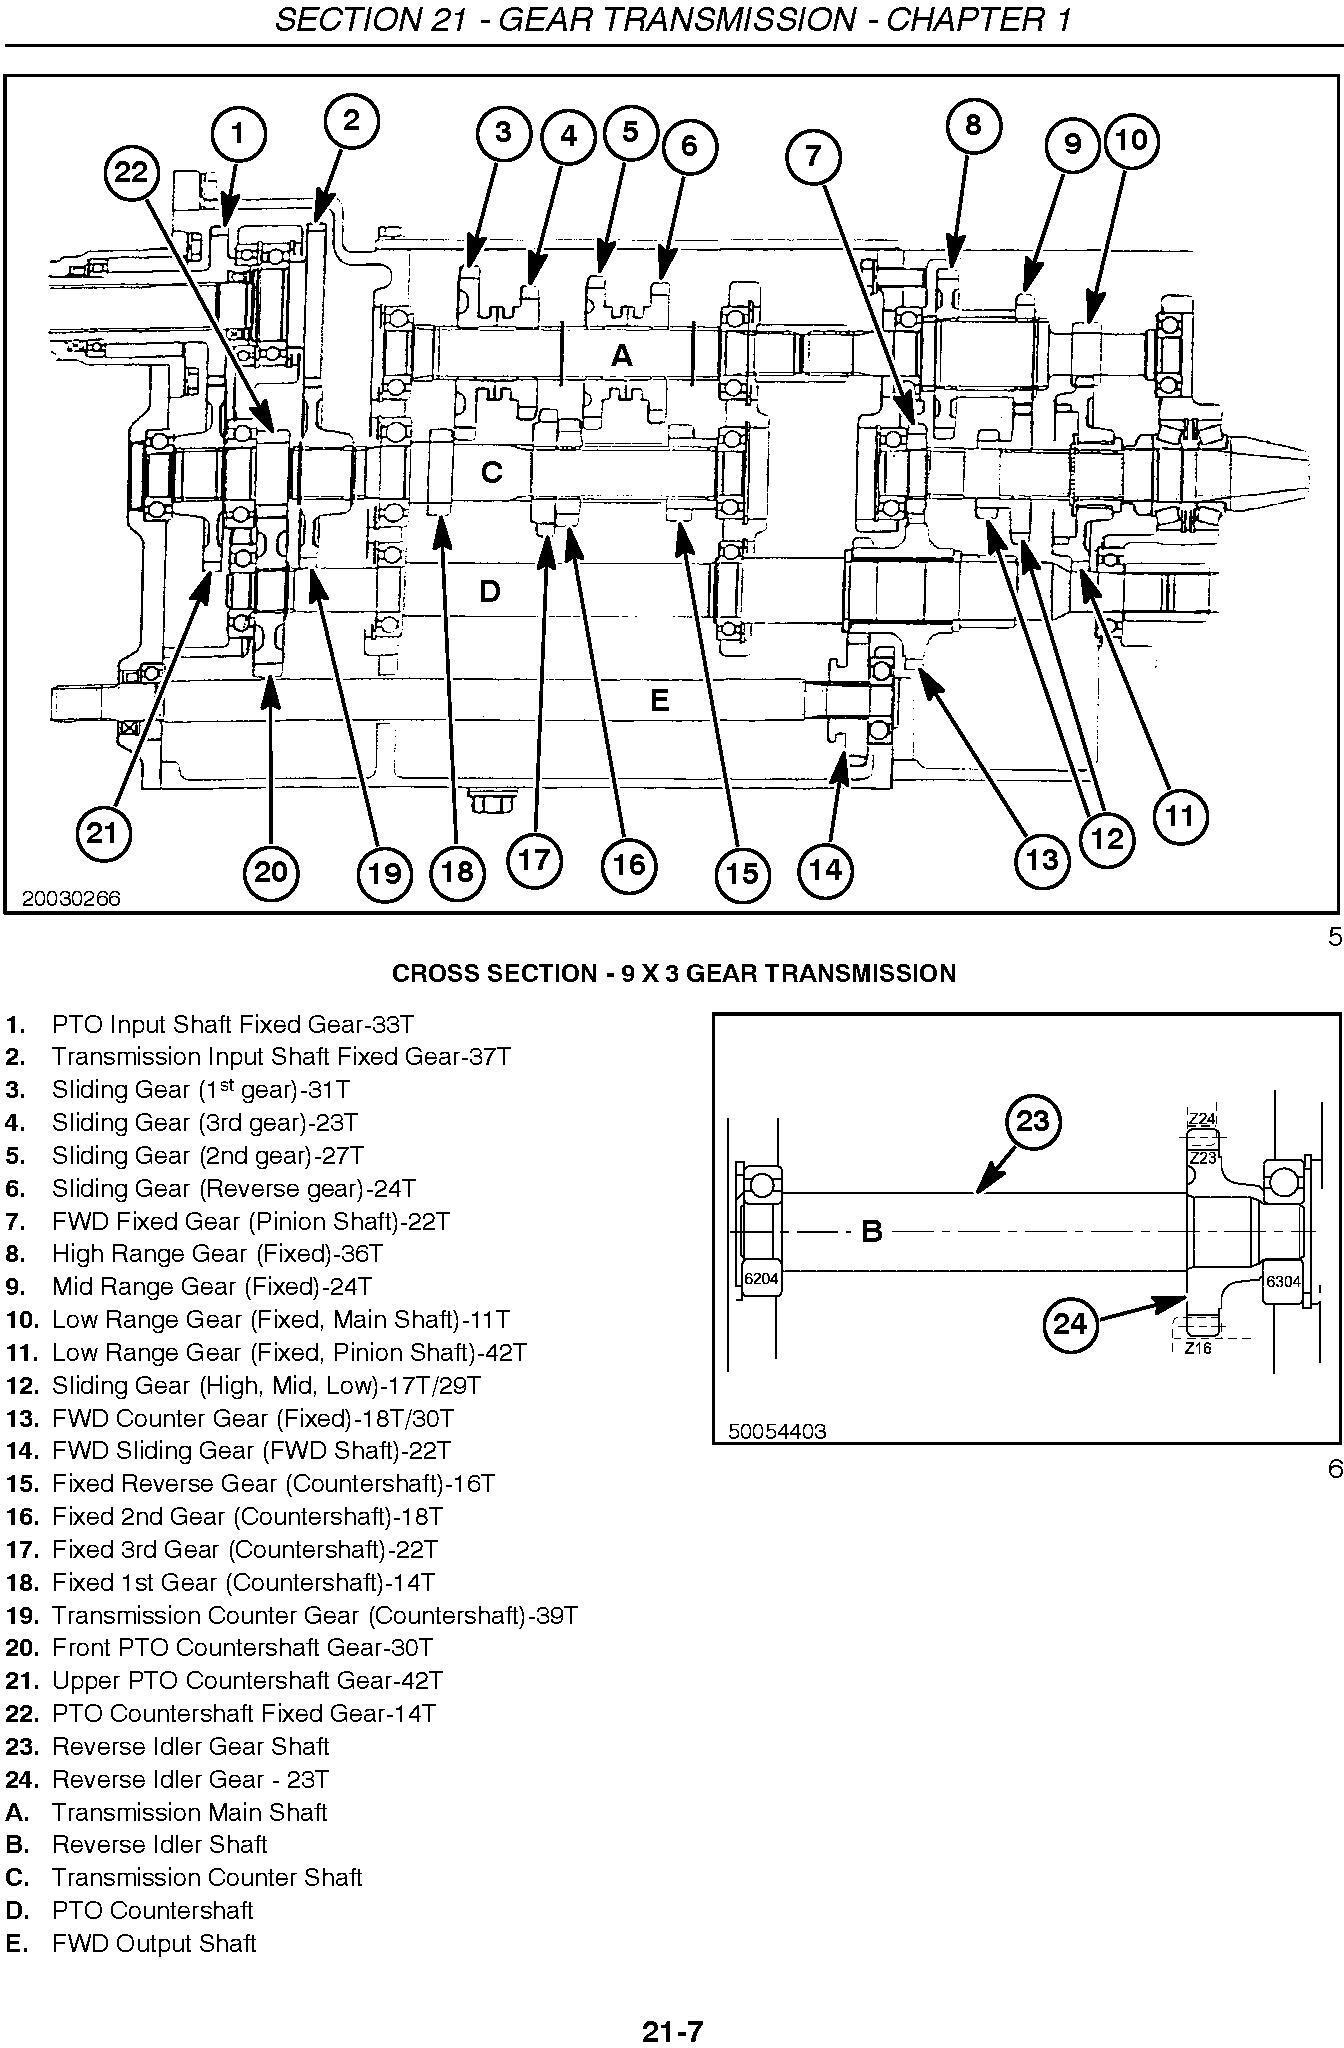 New Holland TC31DA, TC34DA Compact Tractor Complete Service Manual - 2